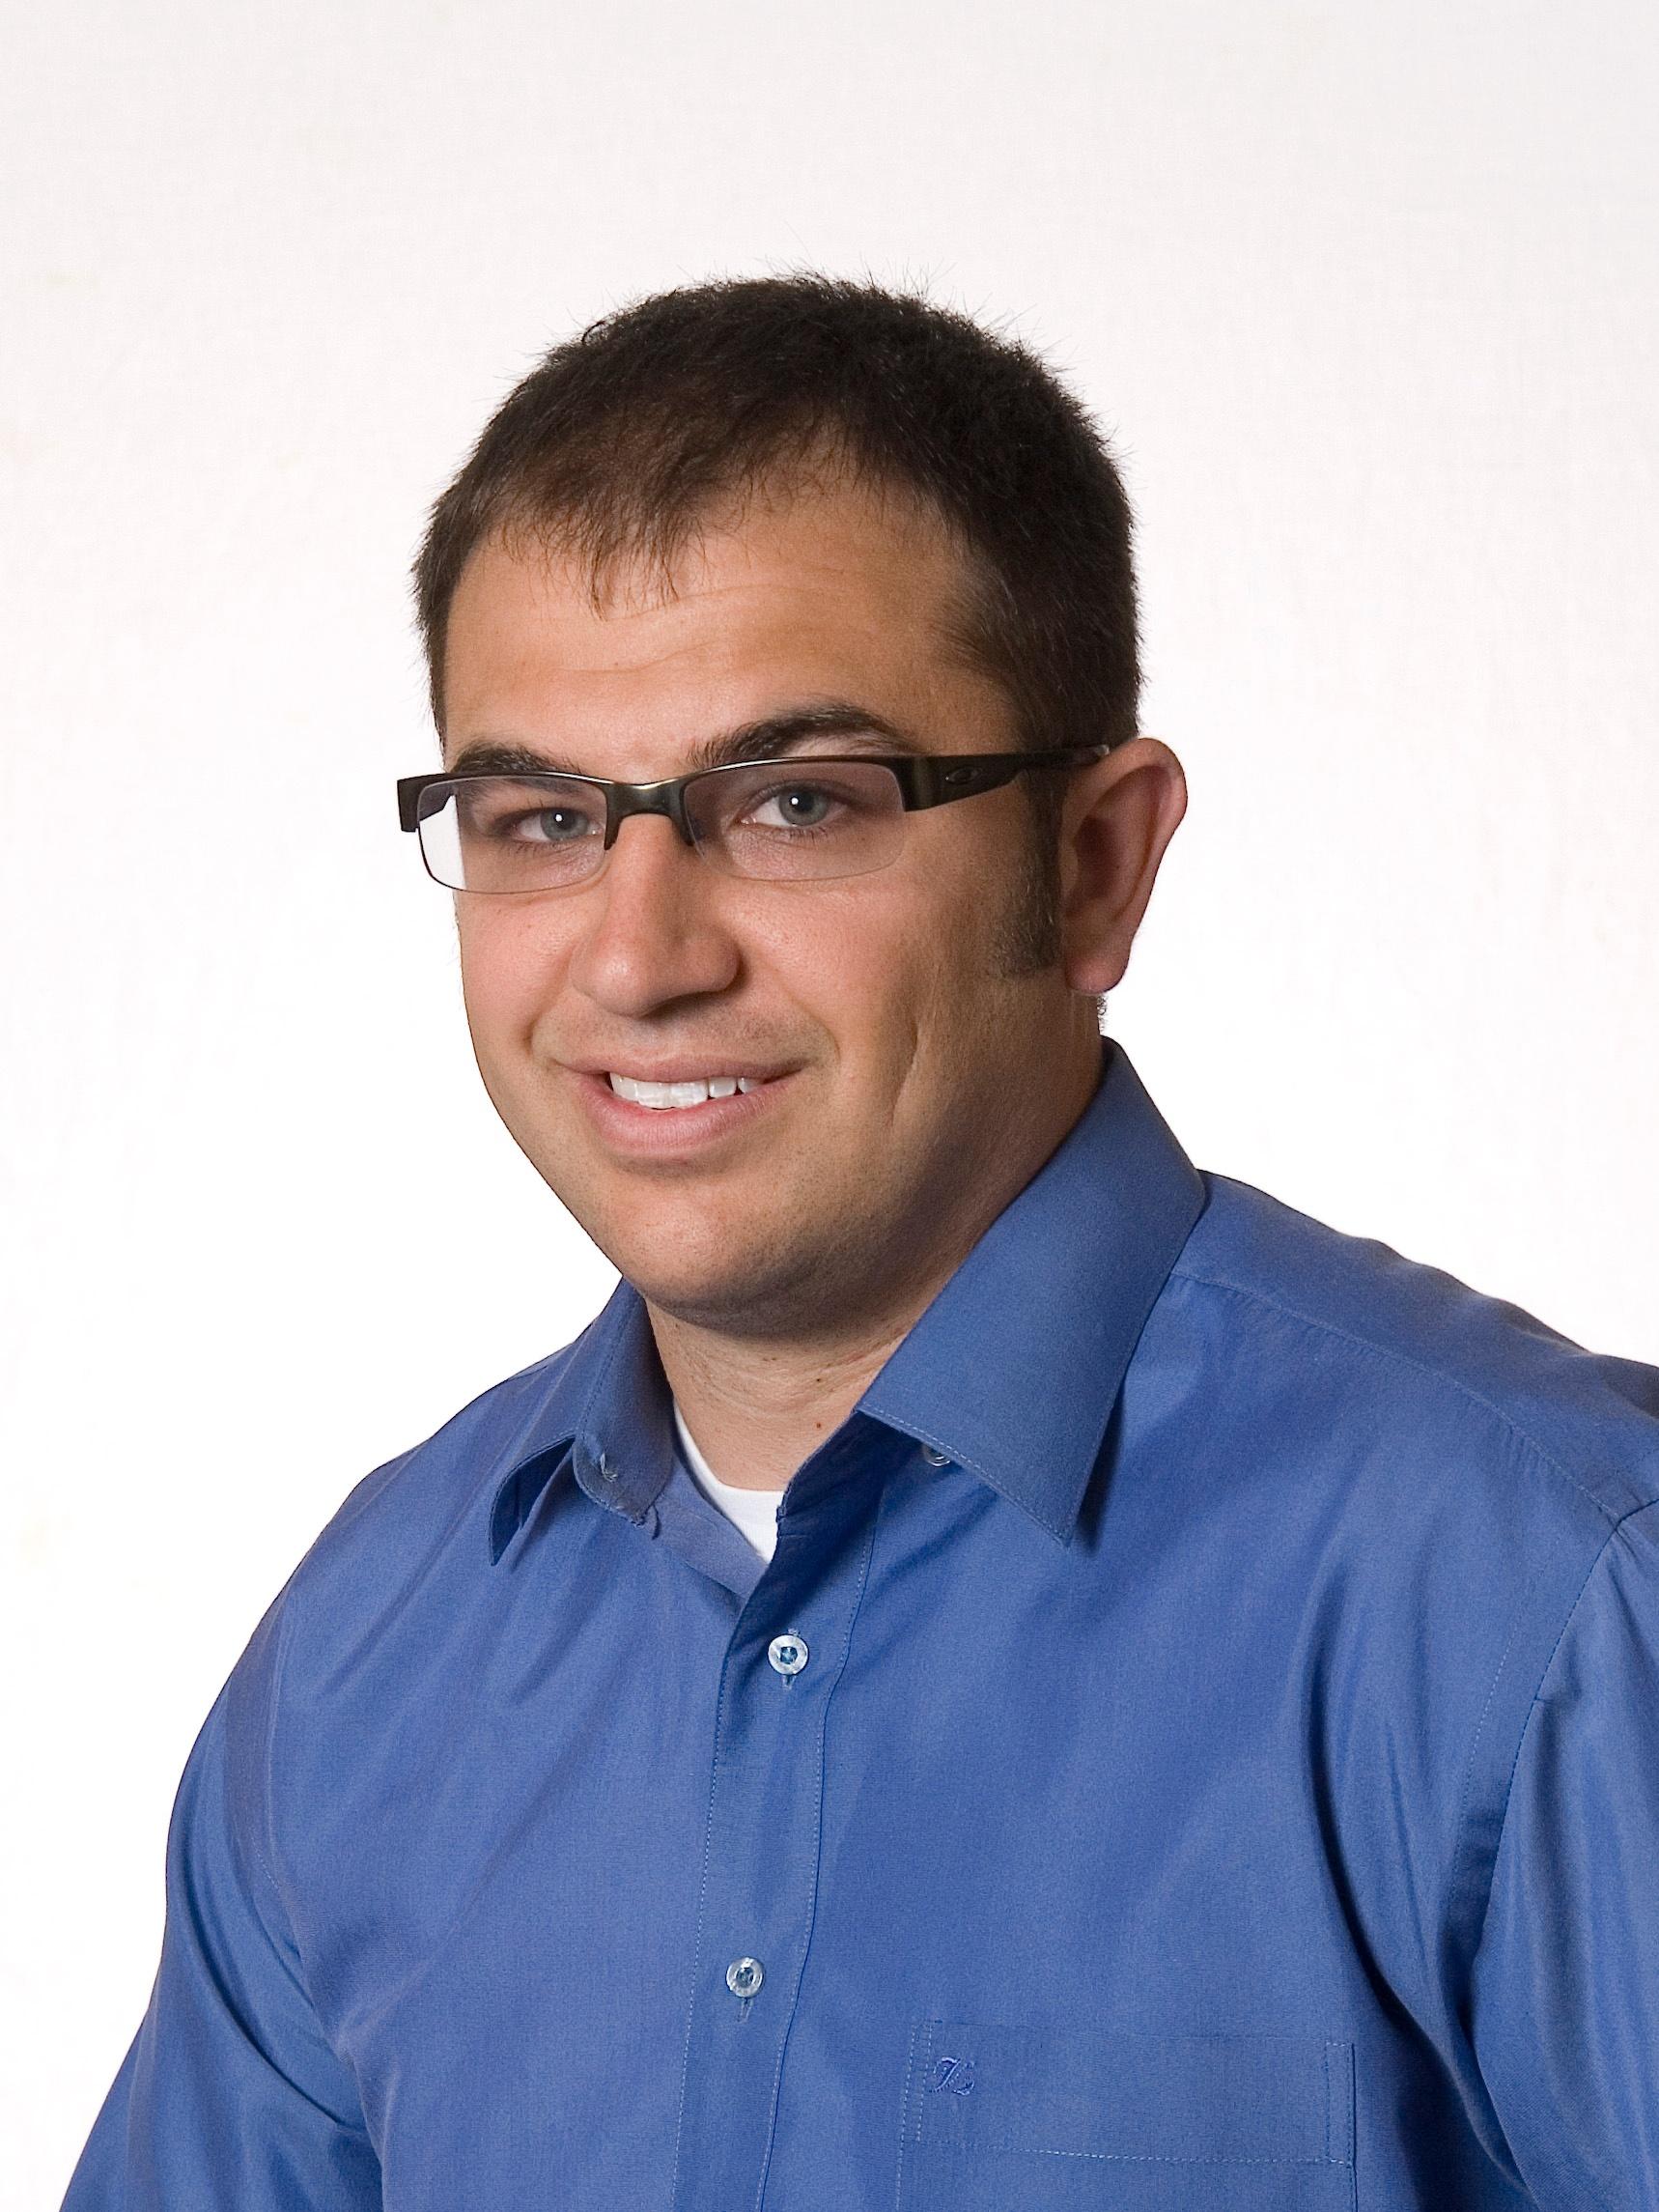 Employee Spotlight: Aaron Andrews